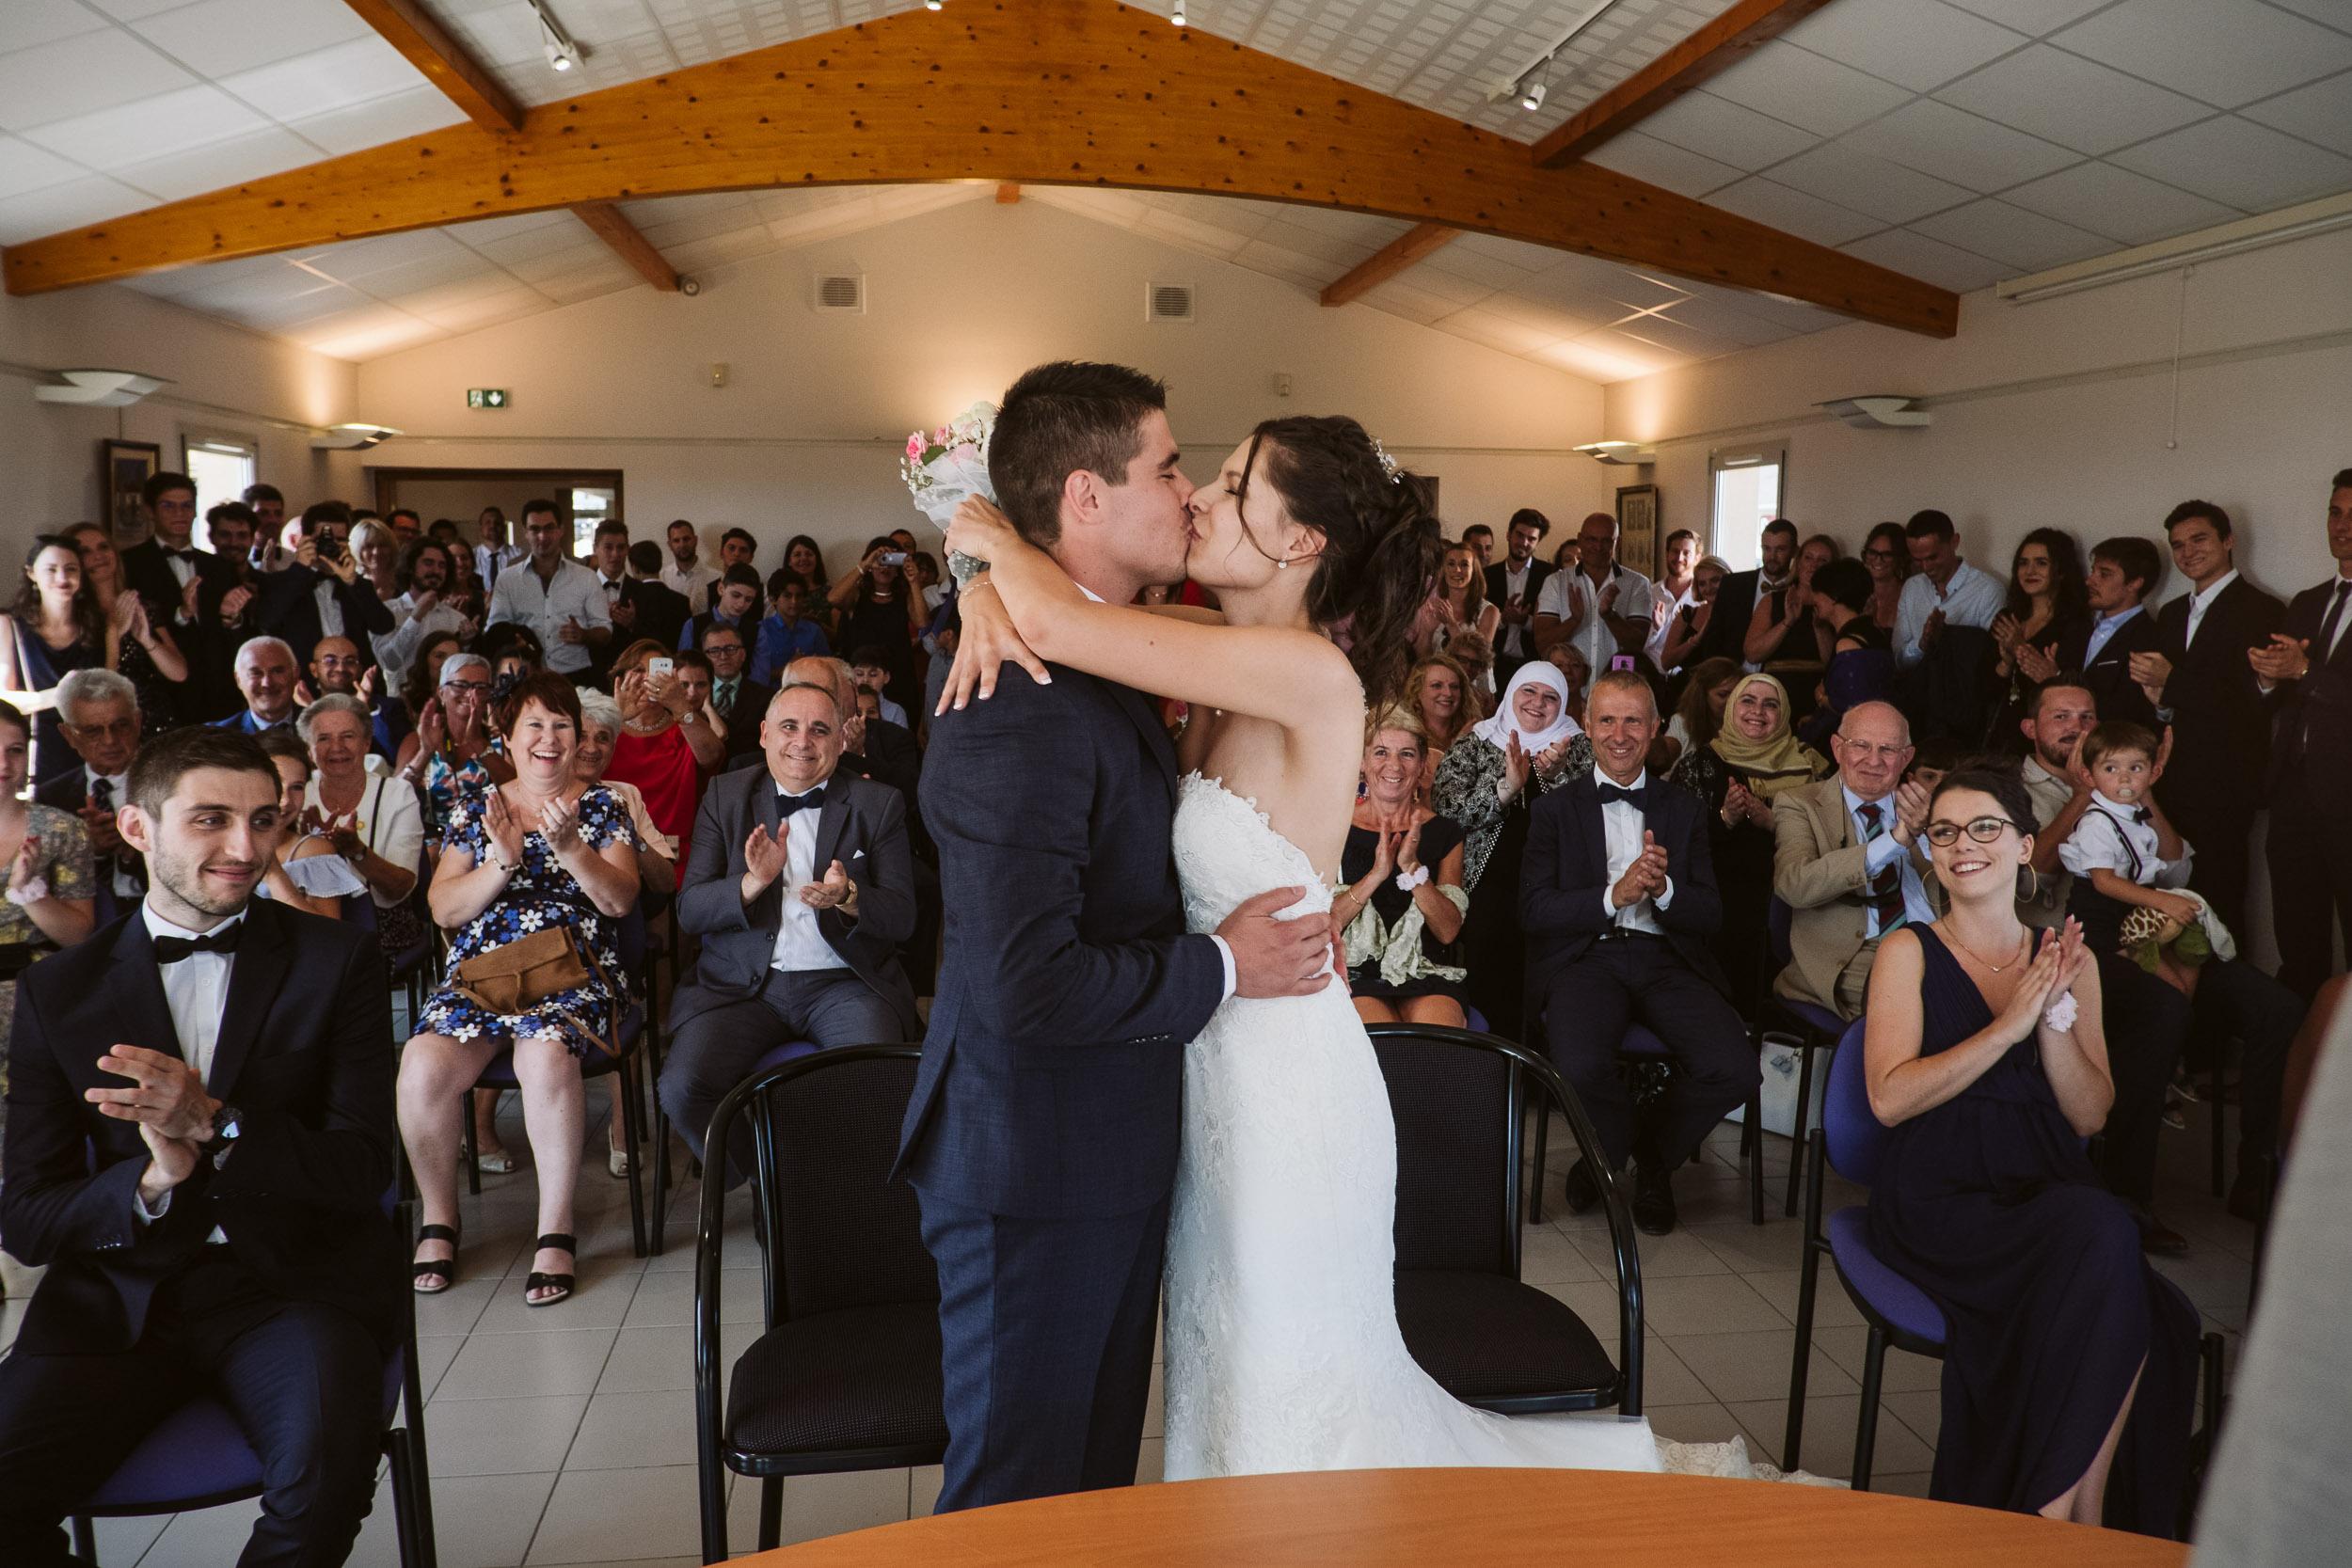 gerald-mattel-photographe-mariage-chateau-nety-6.jpg